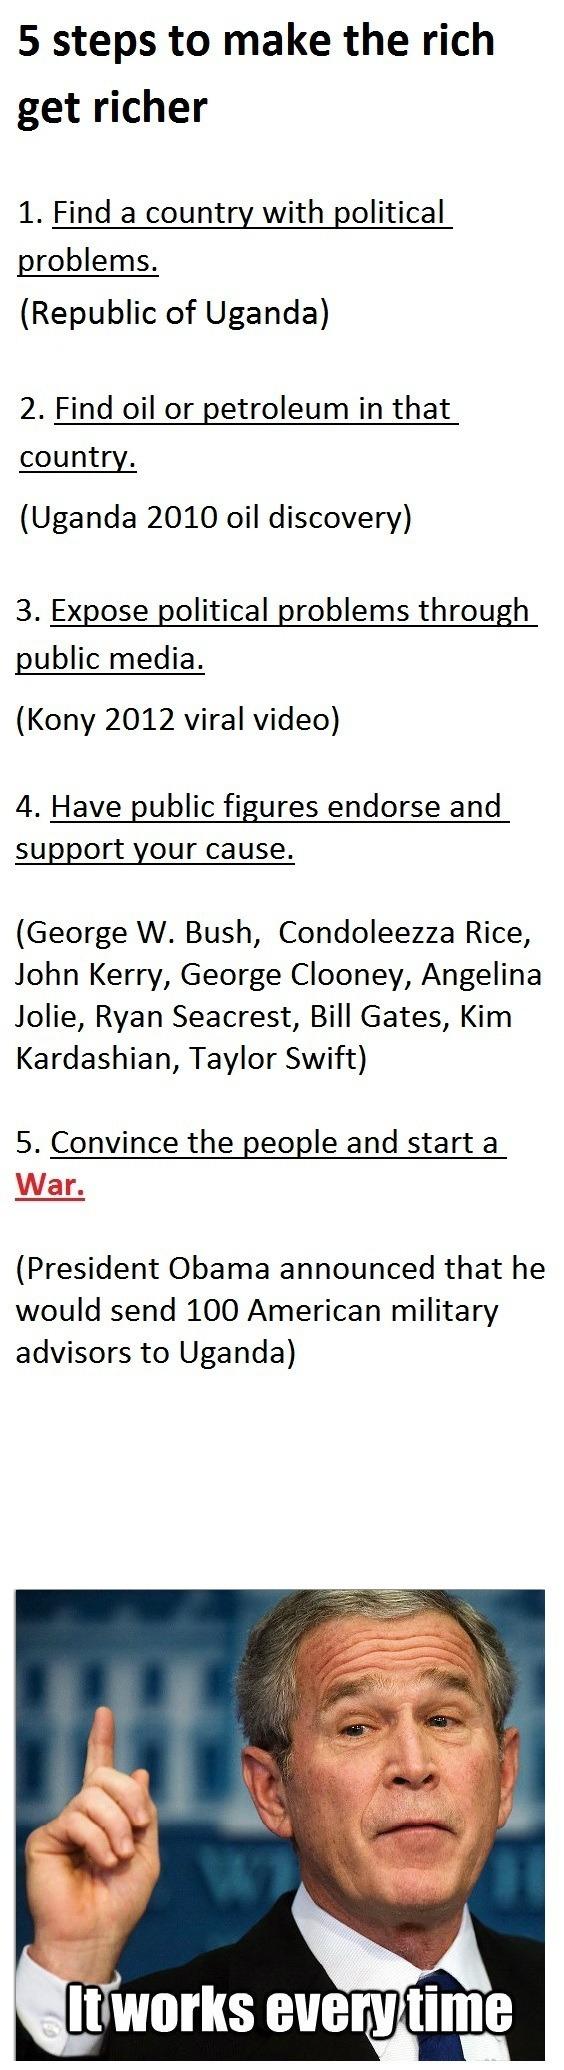 Kony 2012 meme, oil, war